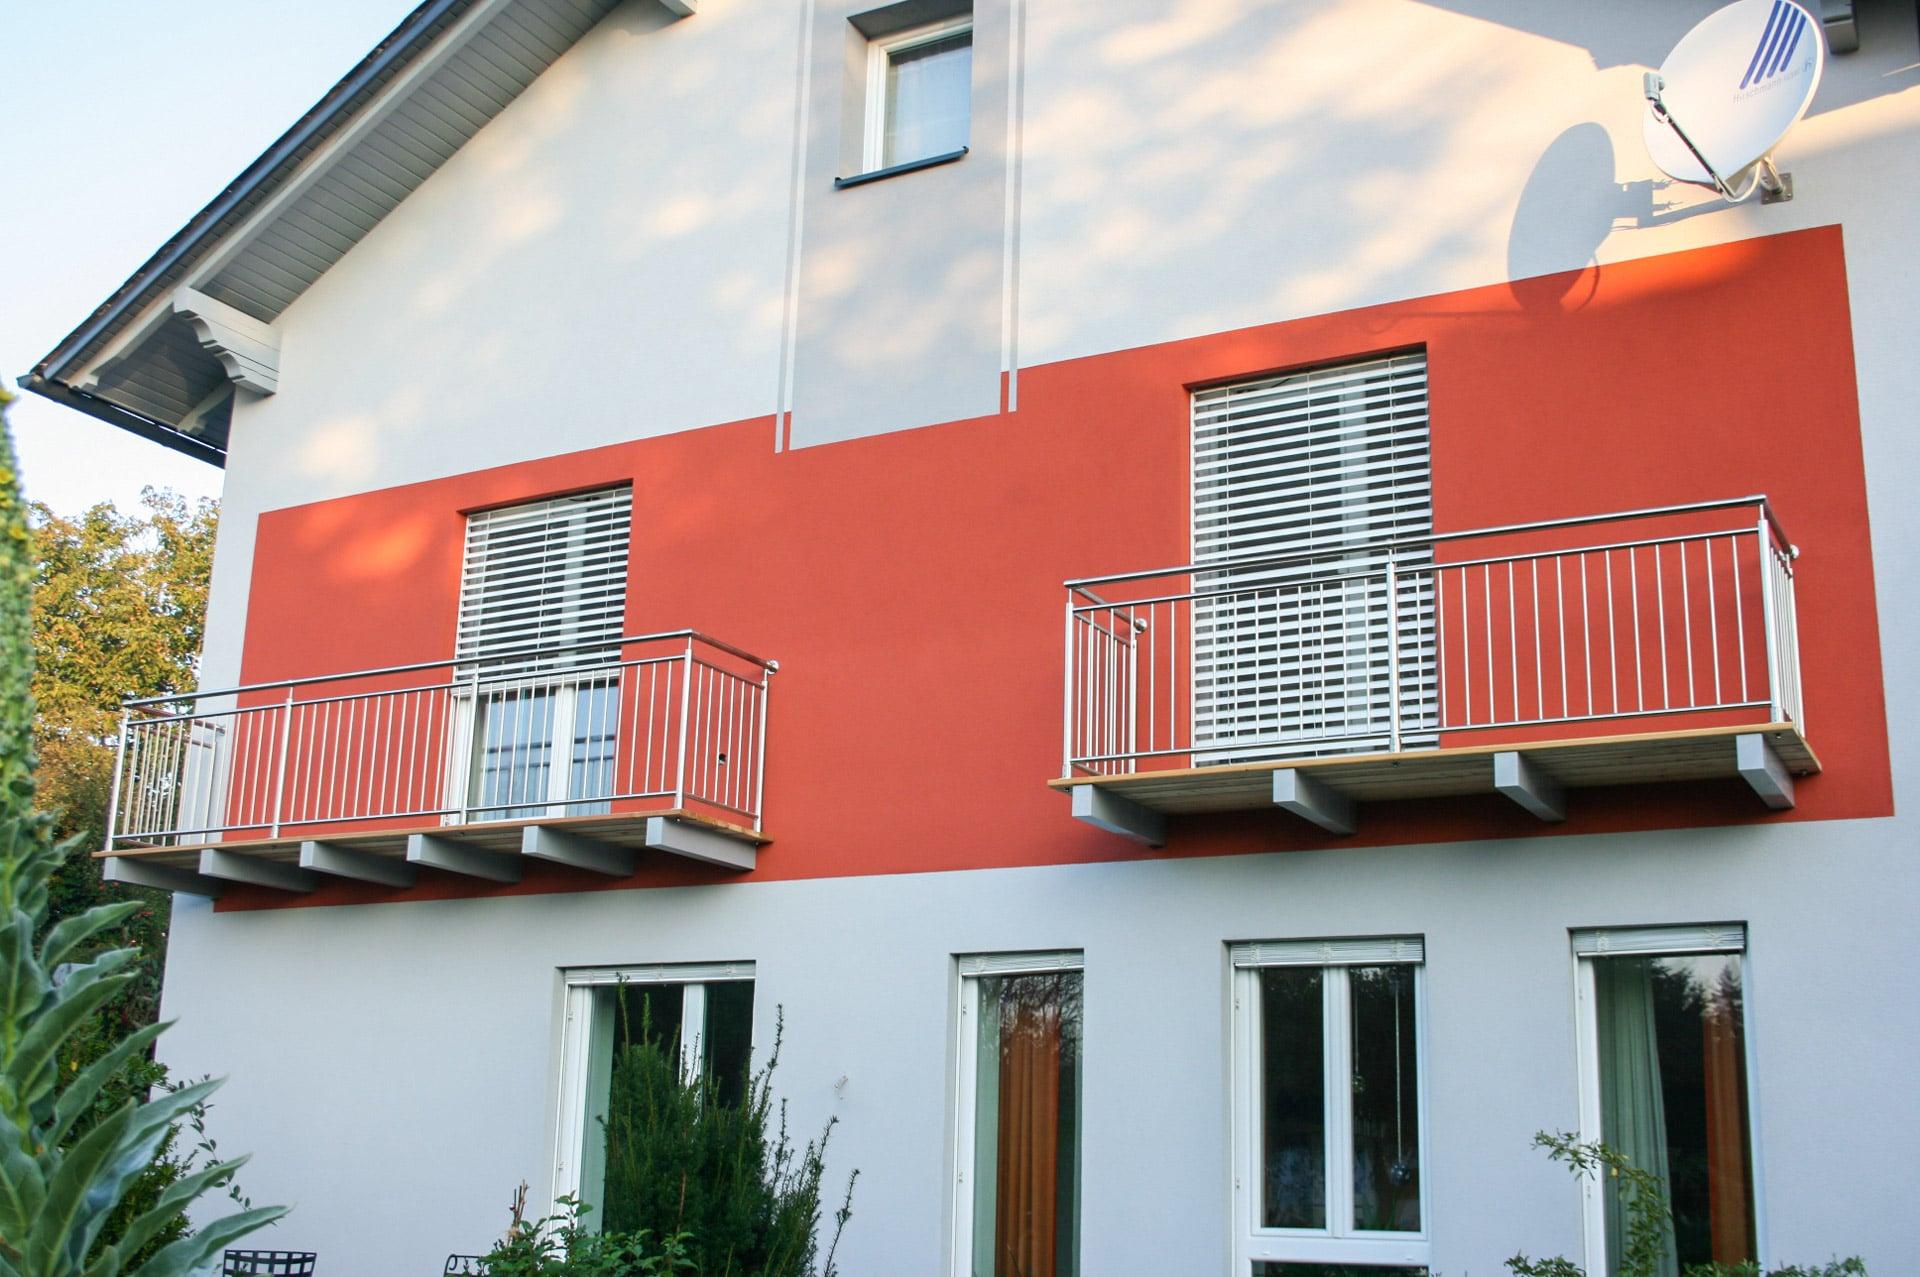 Berlin 15 b | Außengeländer beim Balkon aus nie rostendem Edelstahl auf Holzboden montiert | Svoboda